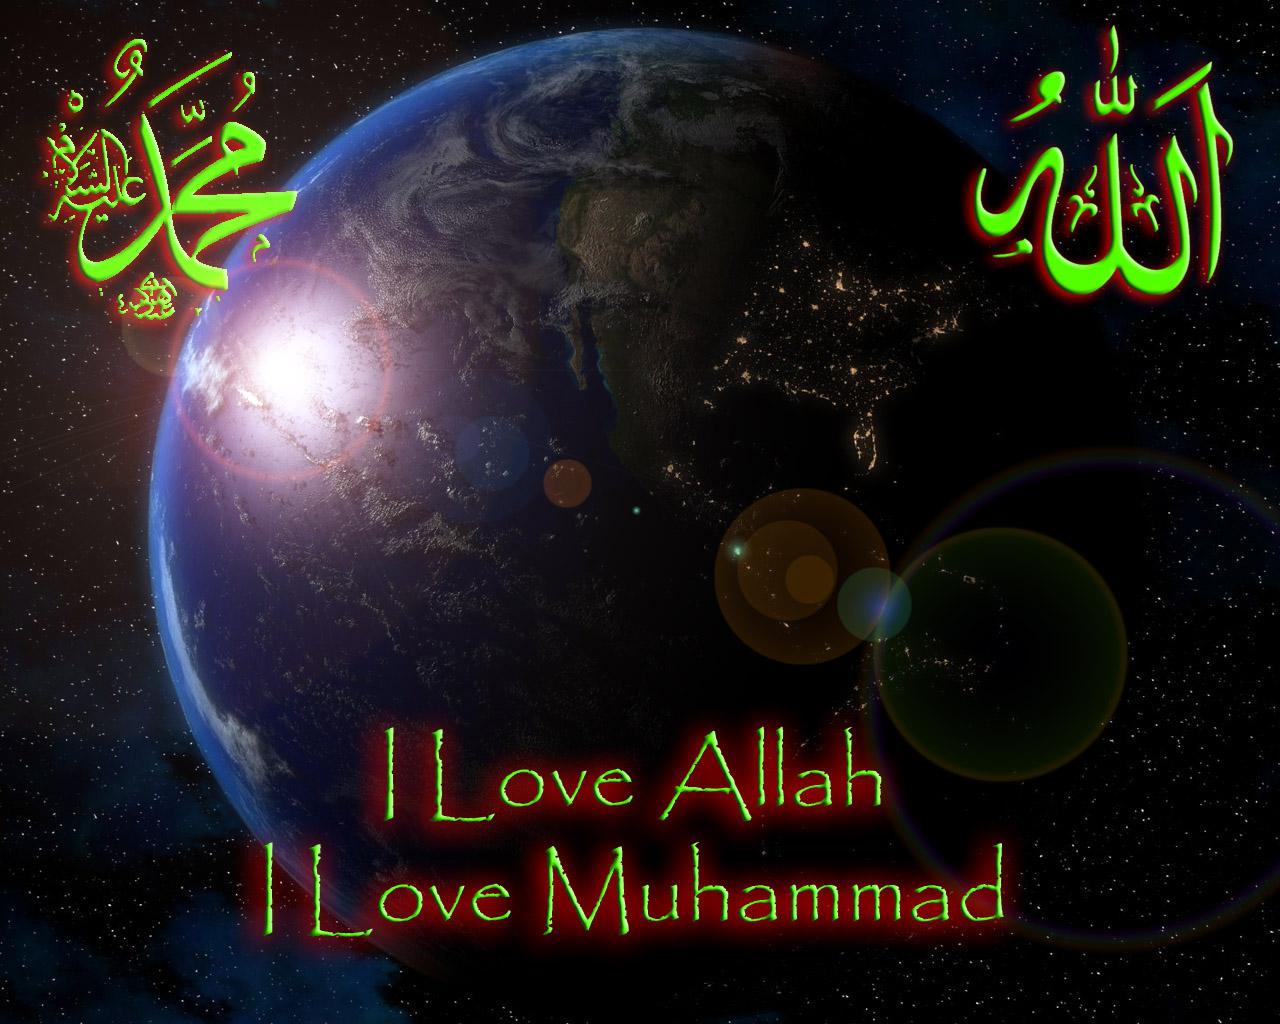 Wallpaper iphone kaligrafi - Love Allah I Love Rasulullah April 2010 Wallpaper Islami